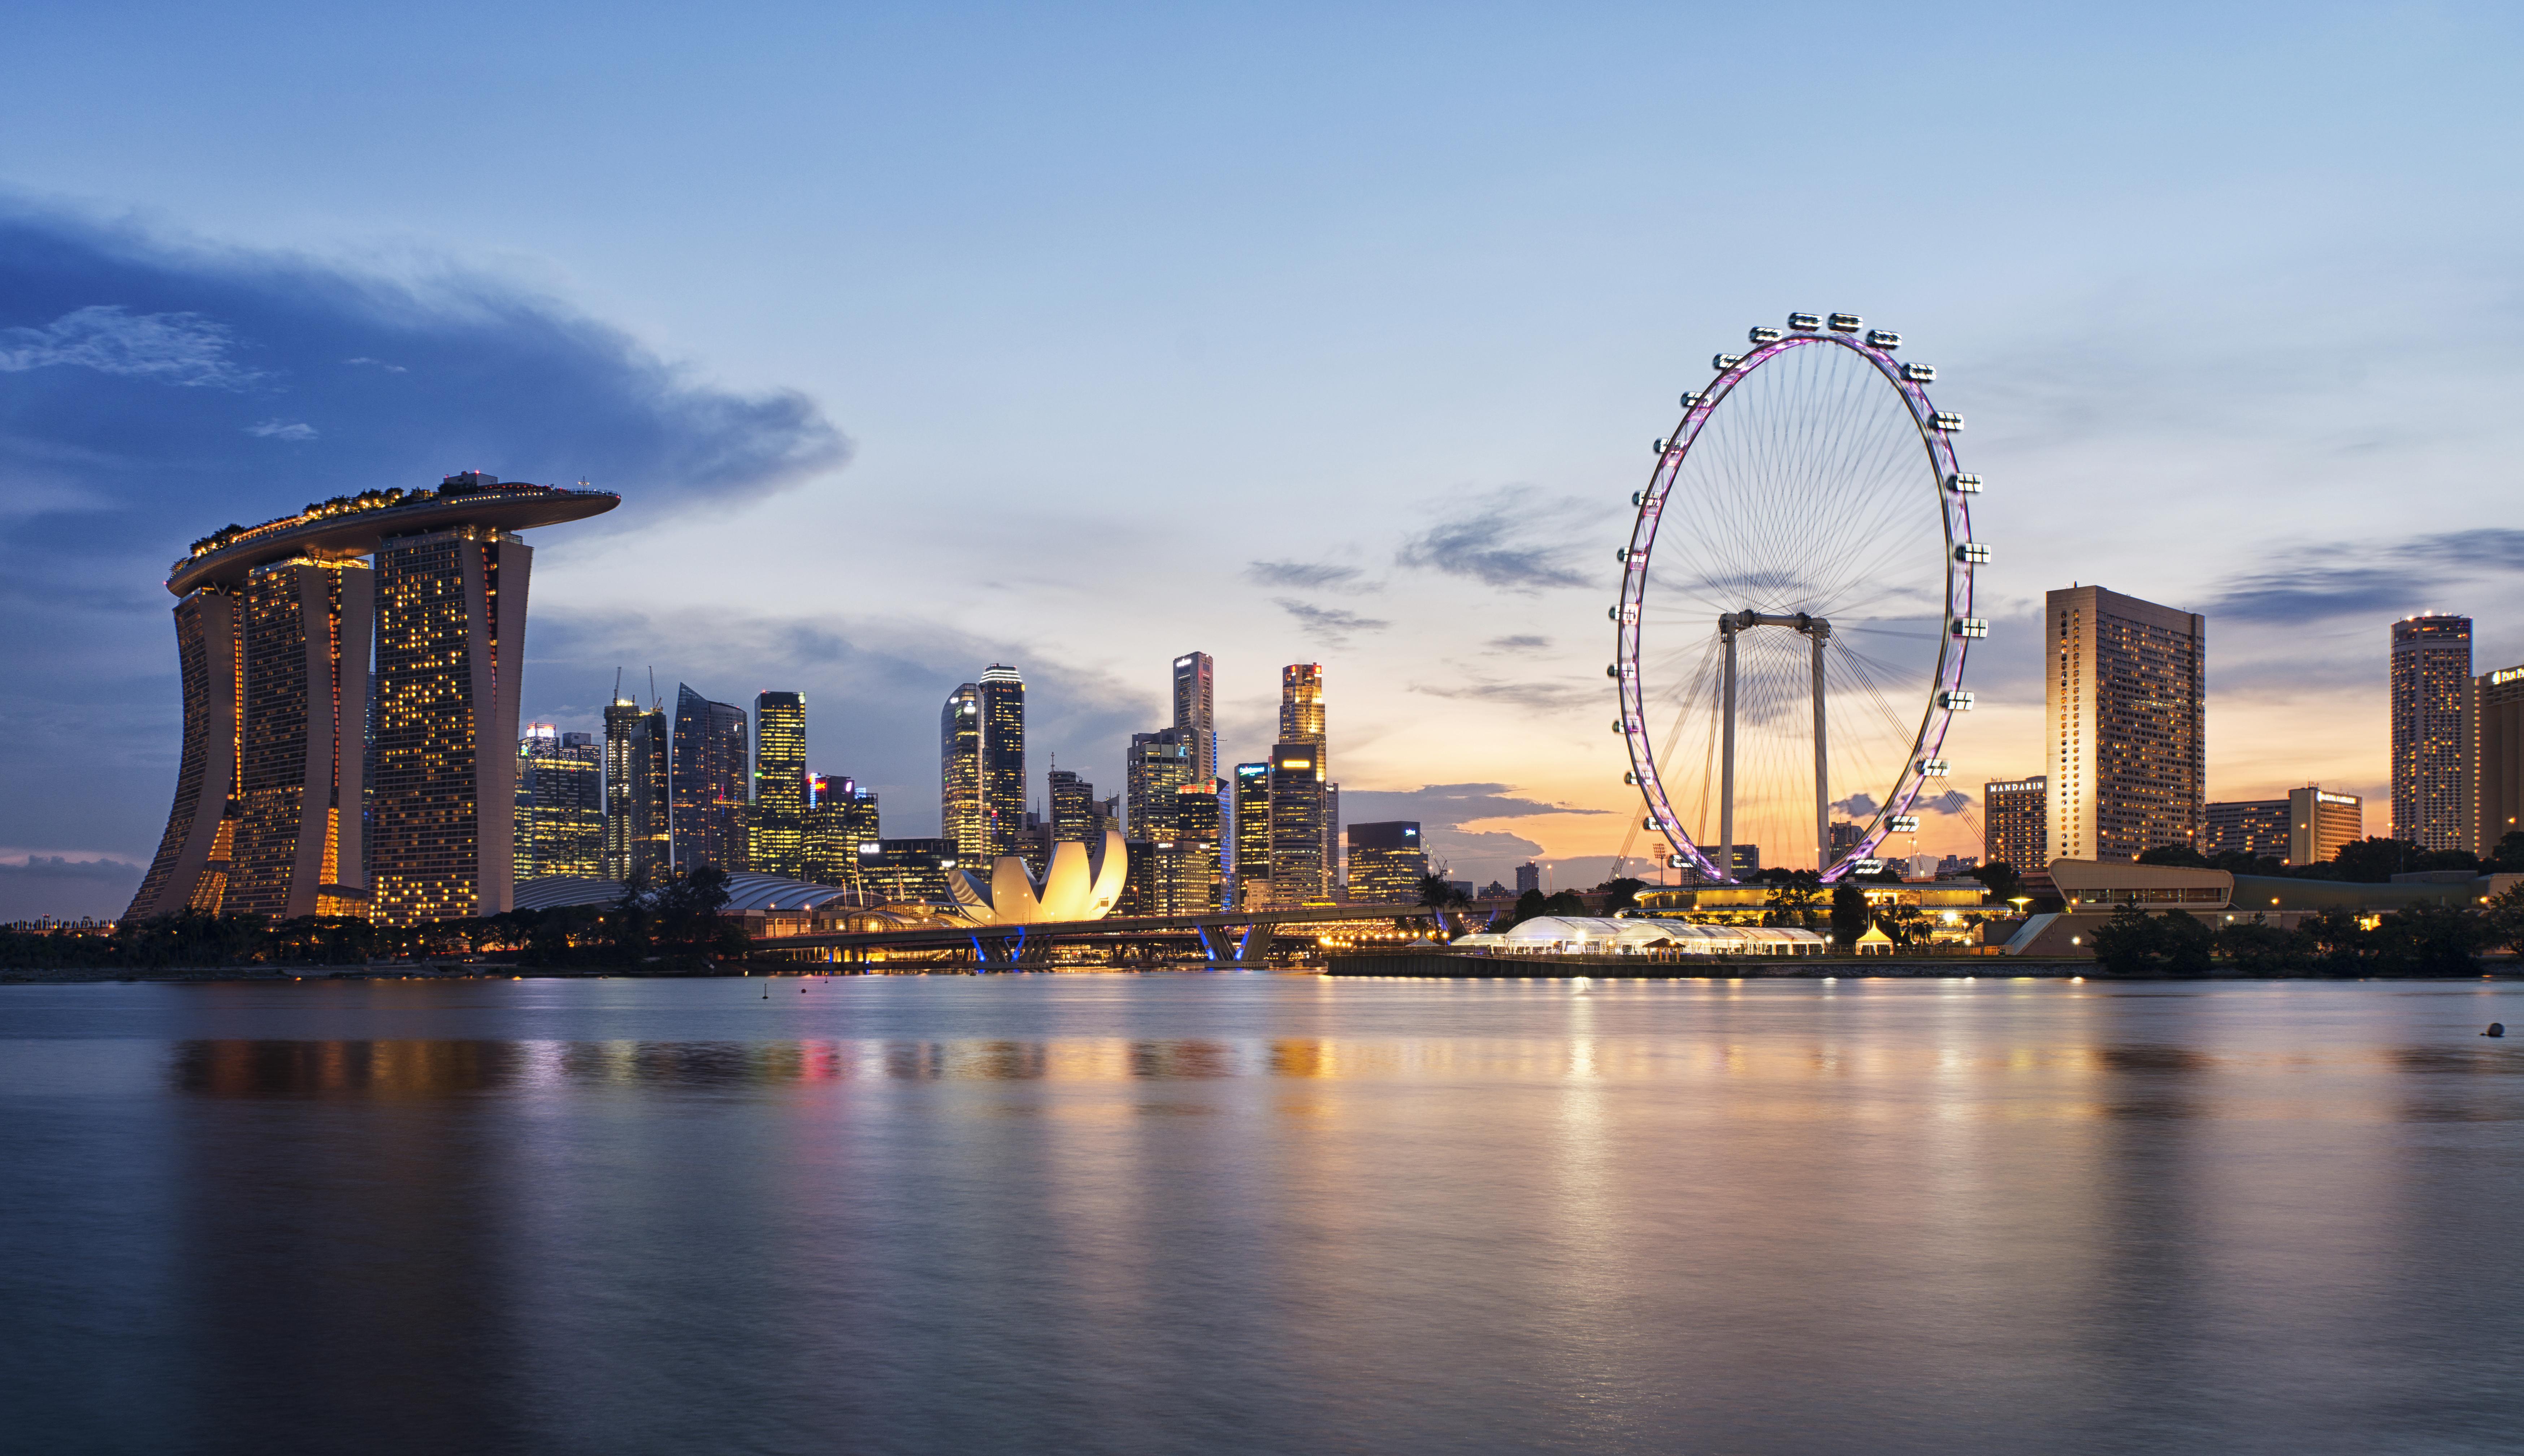 FltGraph Awesome Itinerary 46. 싱가포르, 문화와 문화의 만남